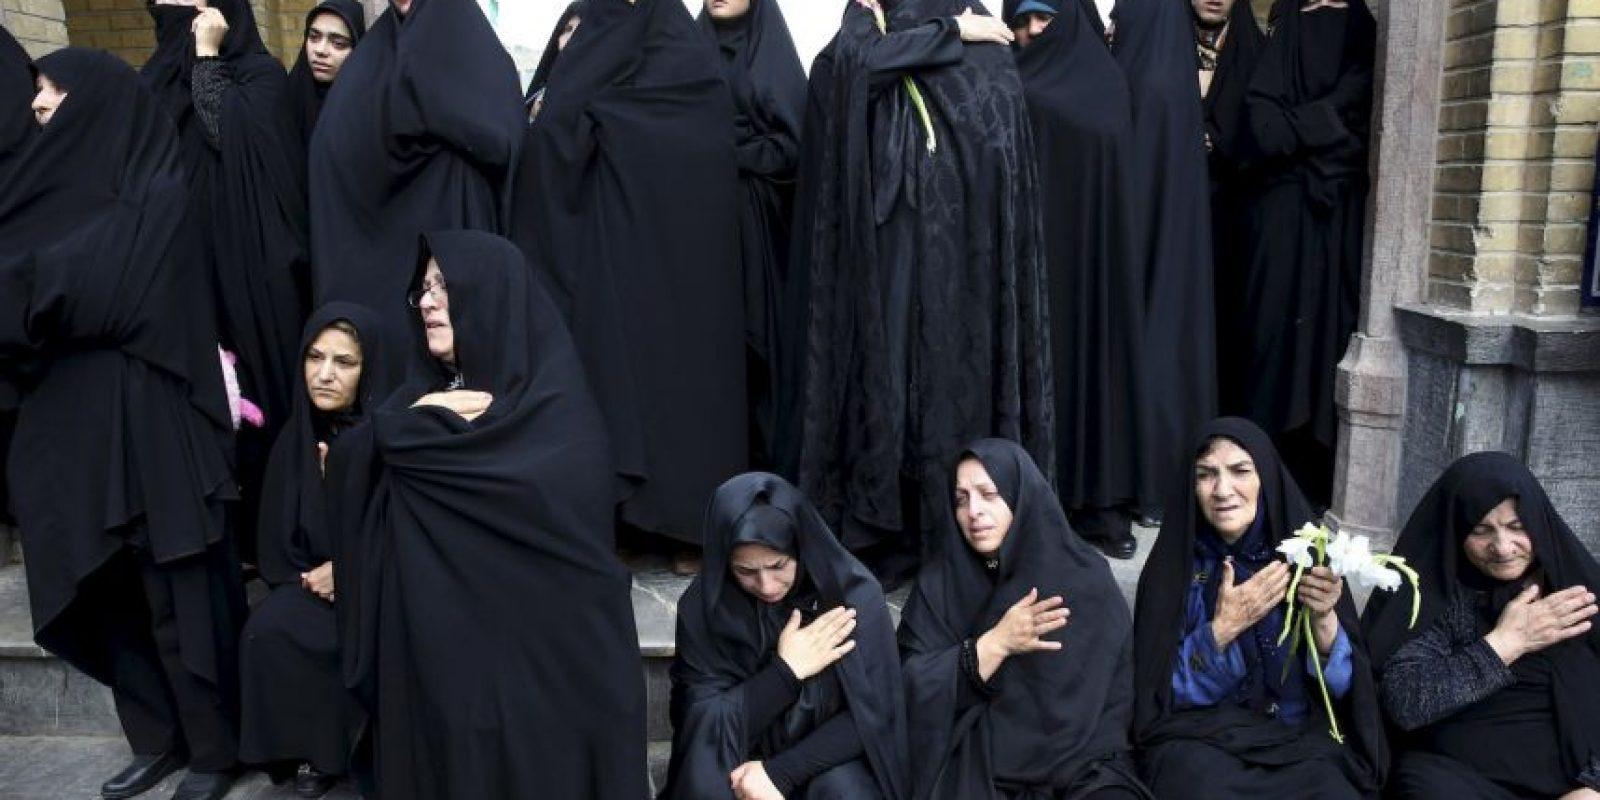 Muchas de ellas son vendidas para recaudar fondos para el grupo. Foto:AP